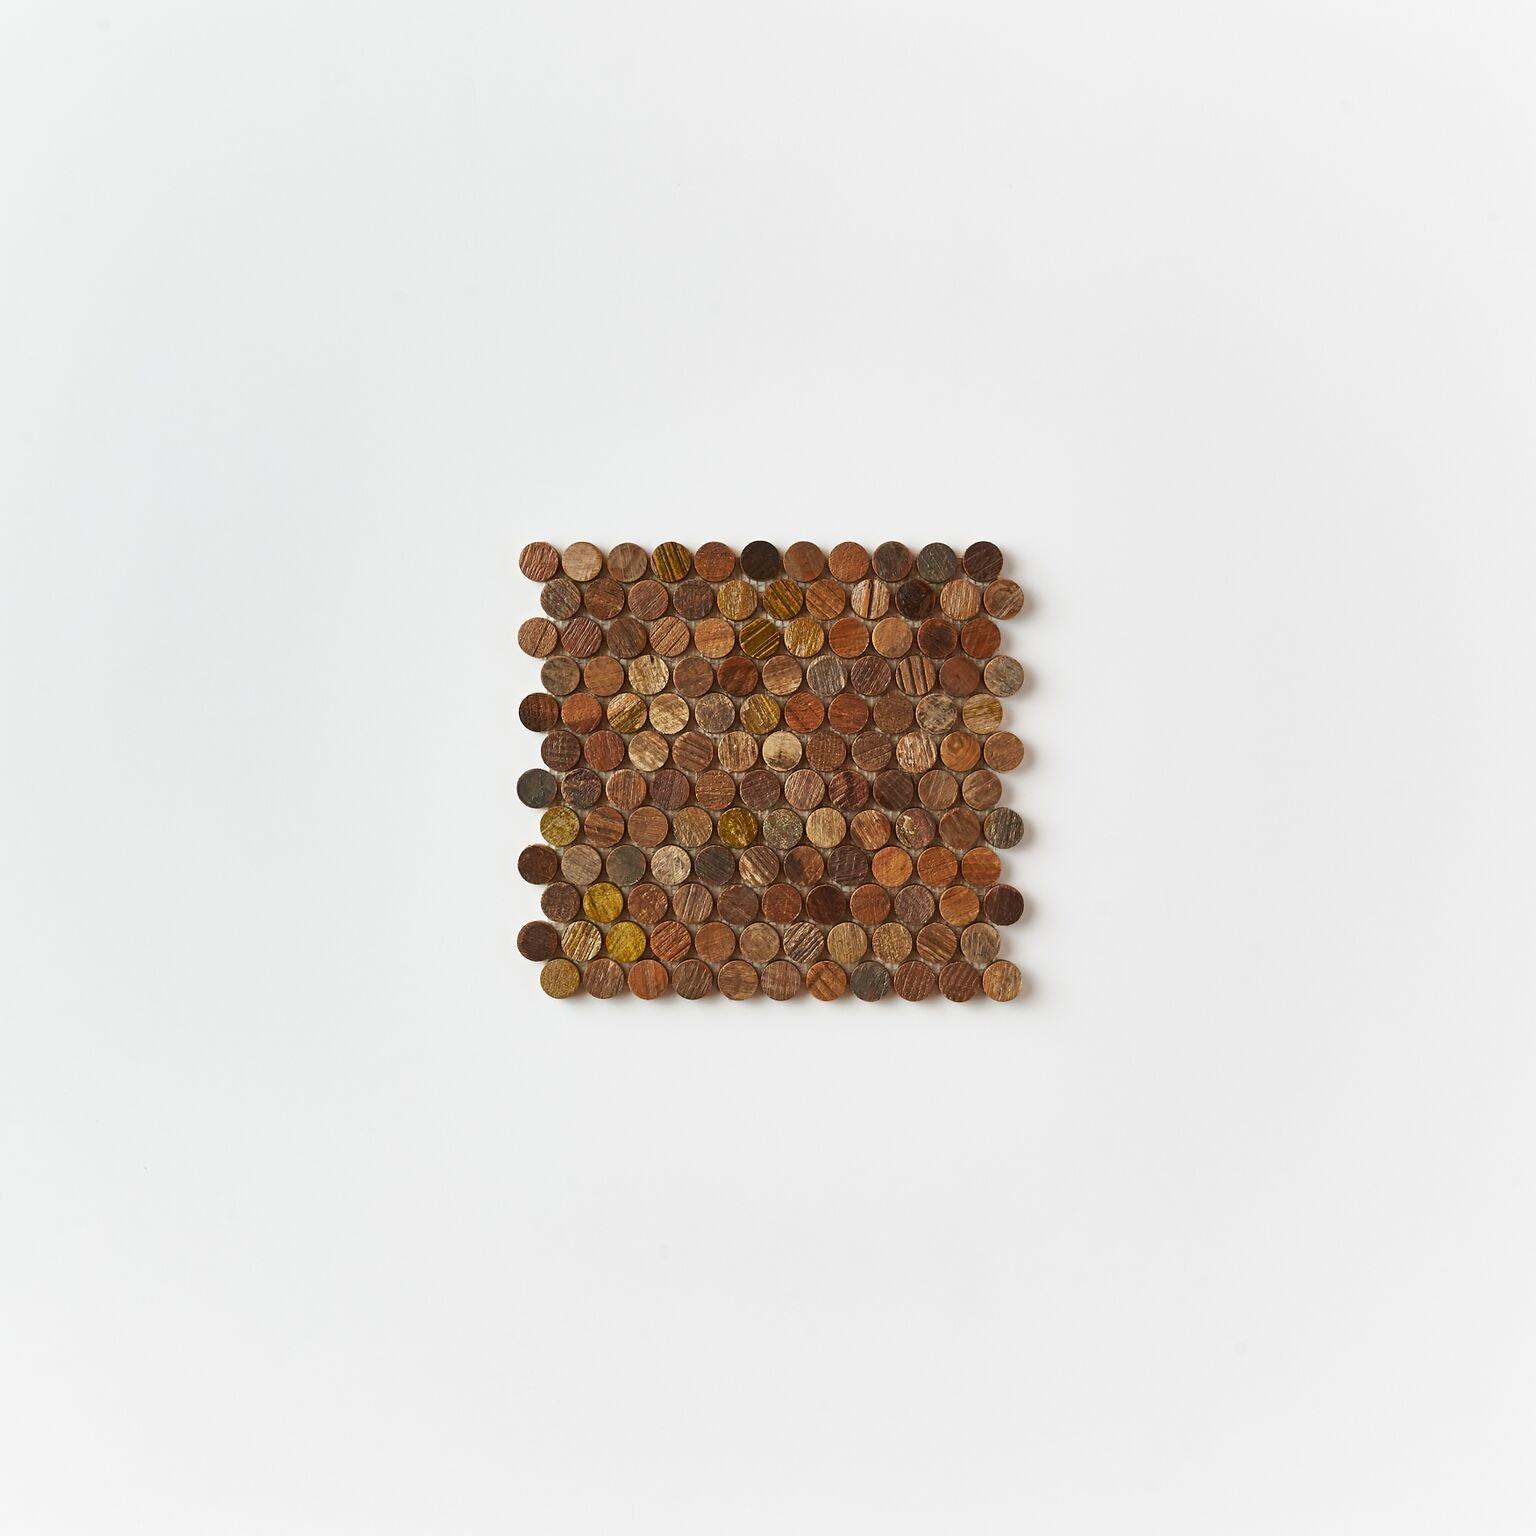 unspecified 11 - Teak Tile - Bead